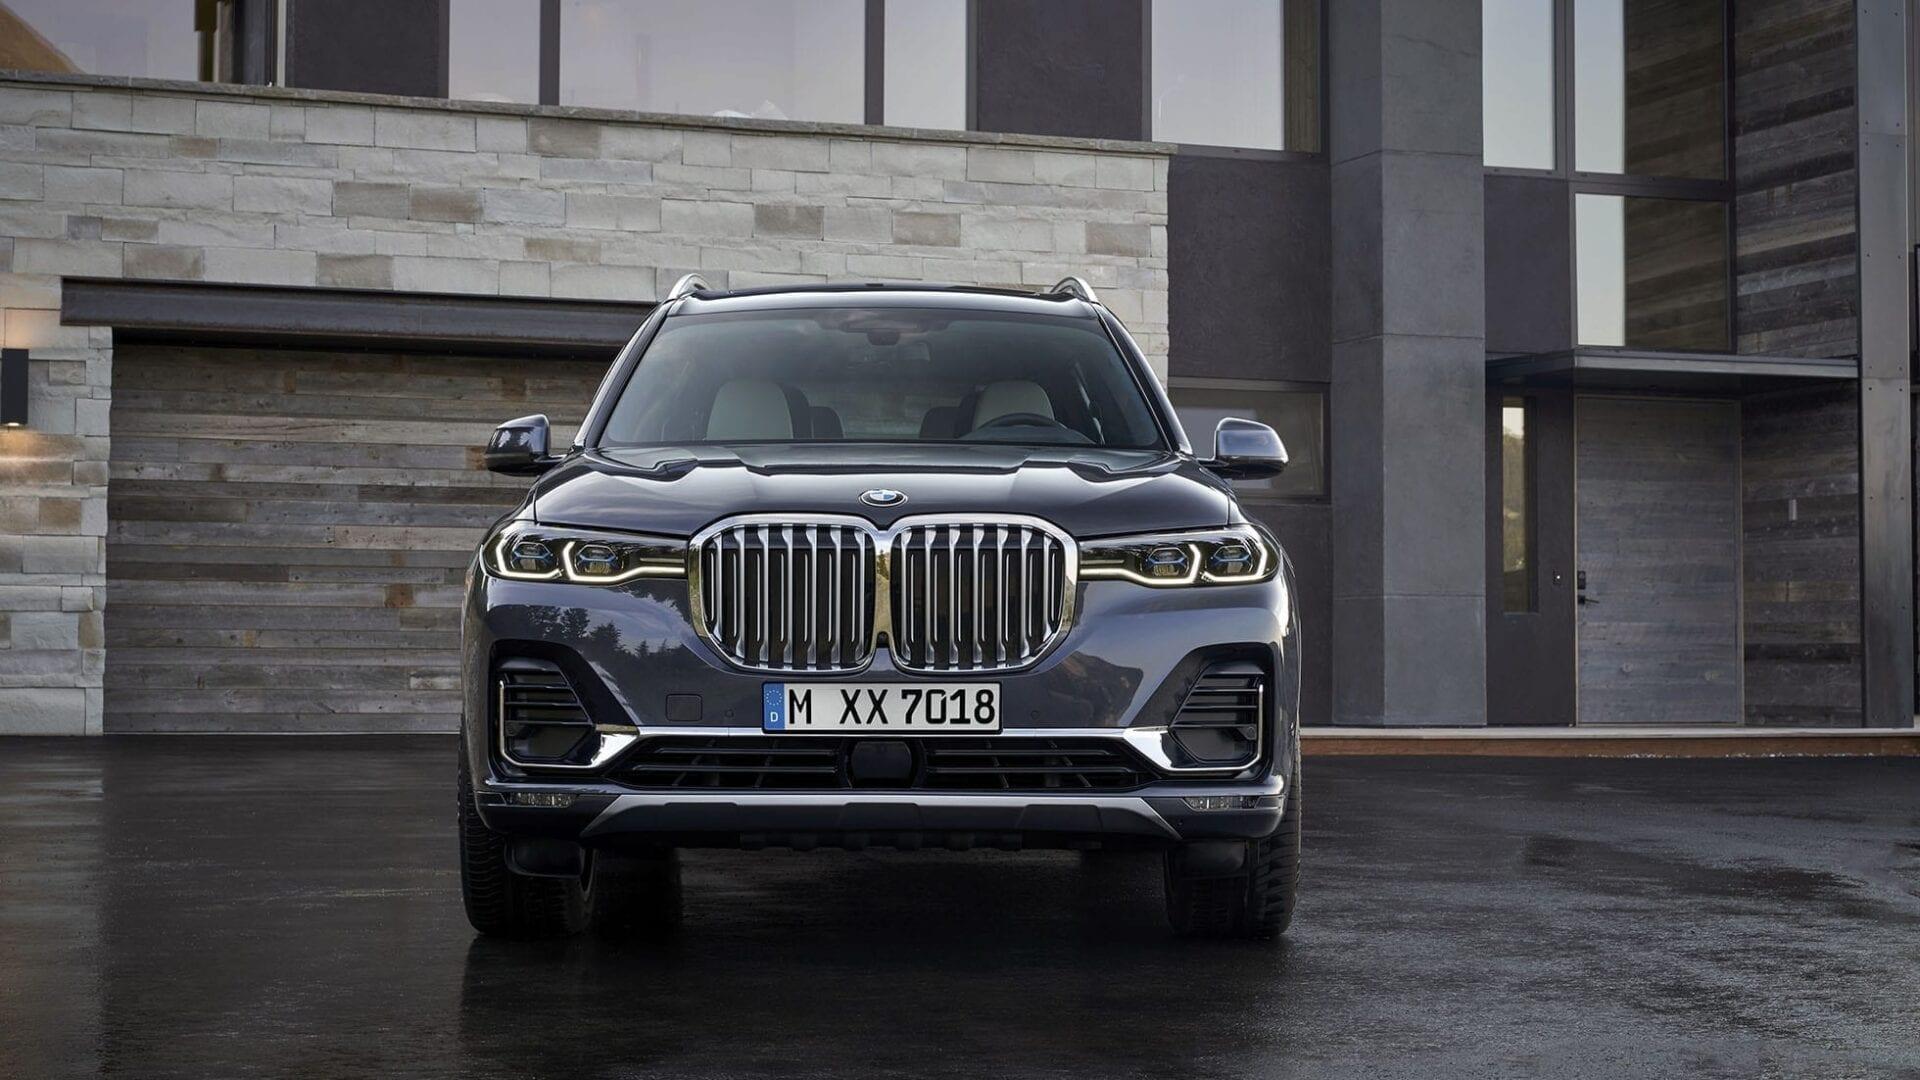 Parte frontal del nuevo BMW X7